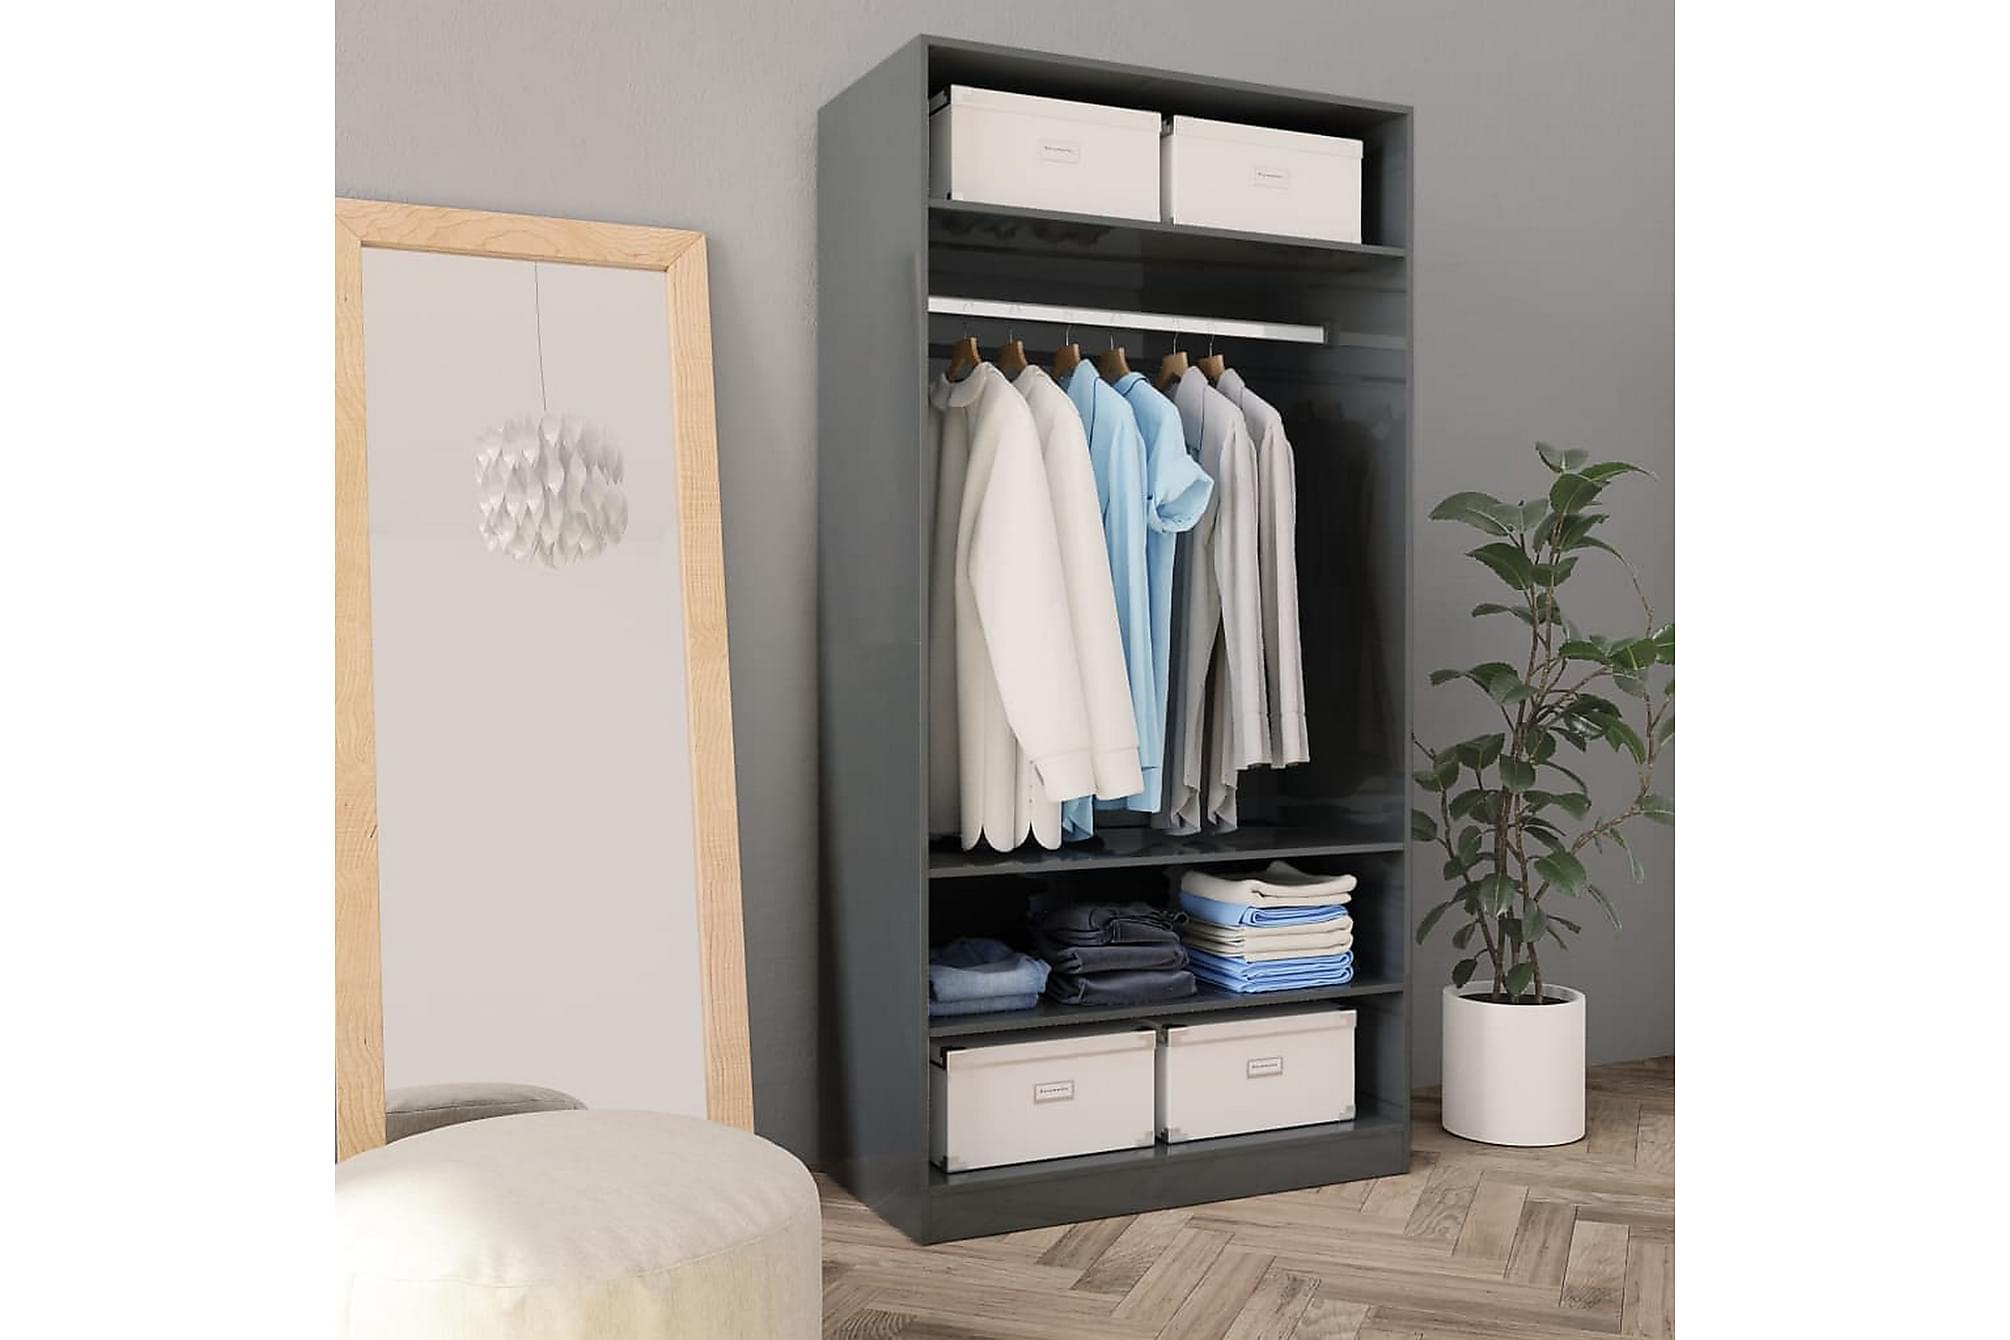 Garderob högglans grå 100x50x200 cm spånskiva